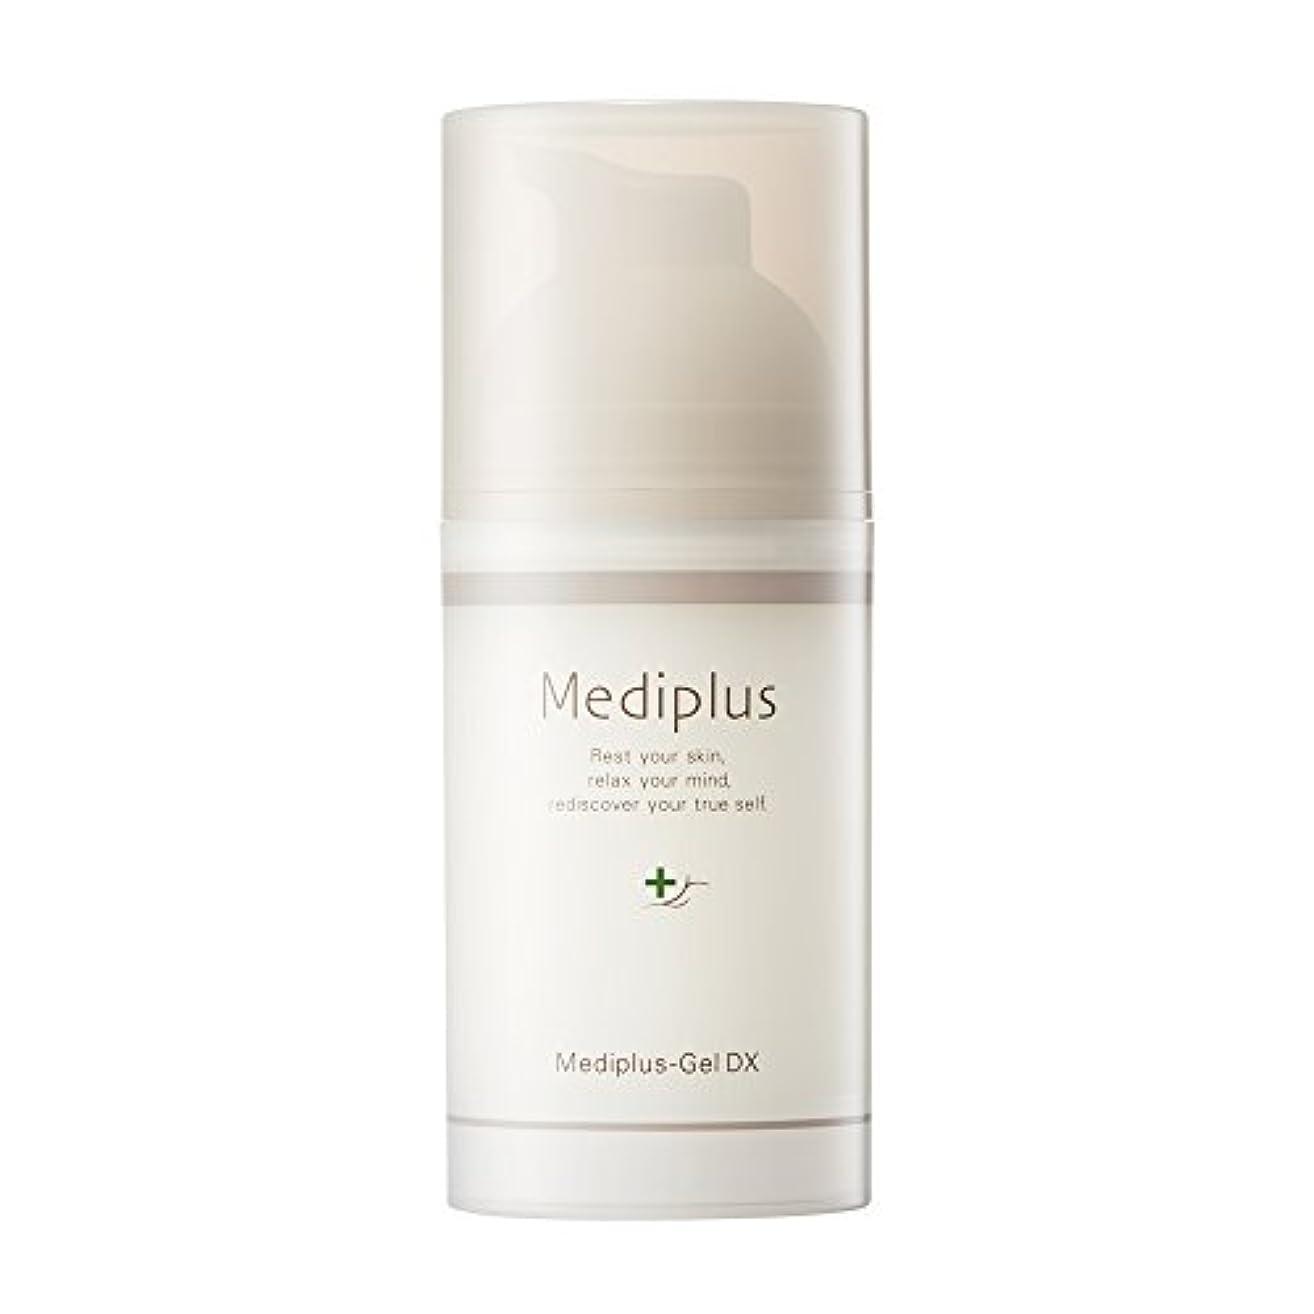 測定よろめく定規【Mediplus+】 メディプラスゲルDX ハーフ 高濃度 オールインワン ゲル 80g [ 保湿 美容液 ]